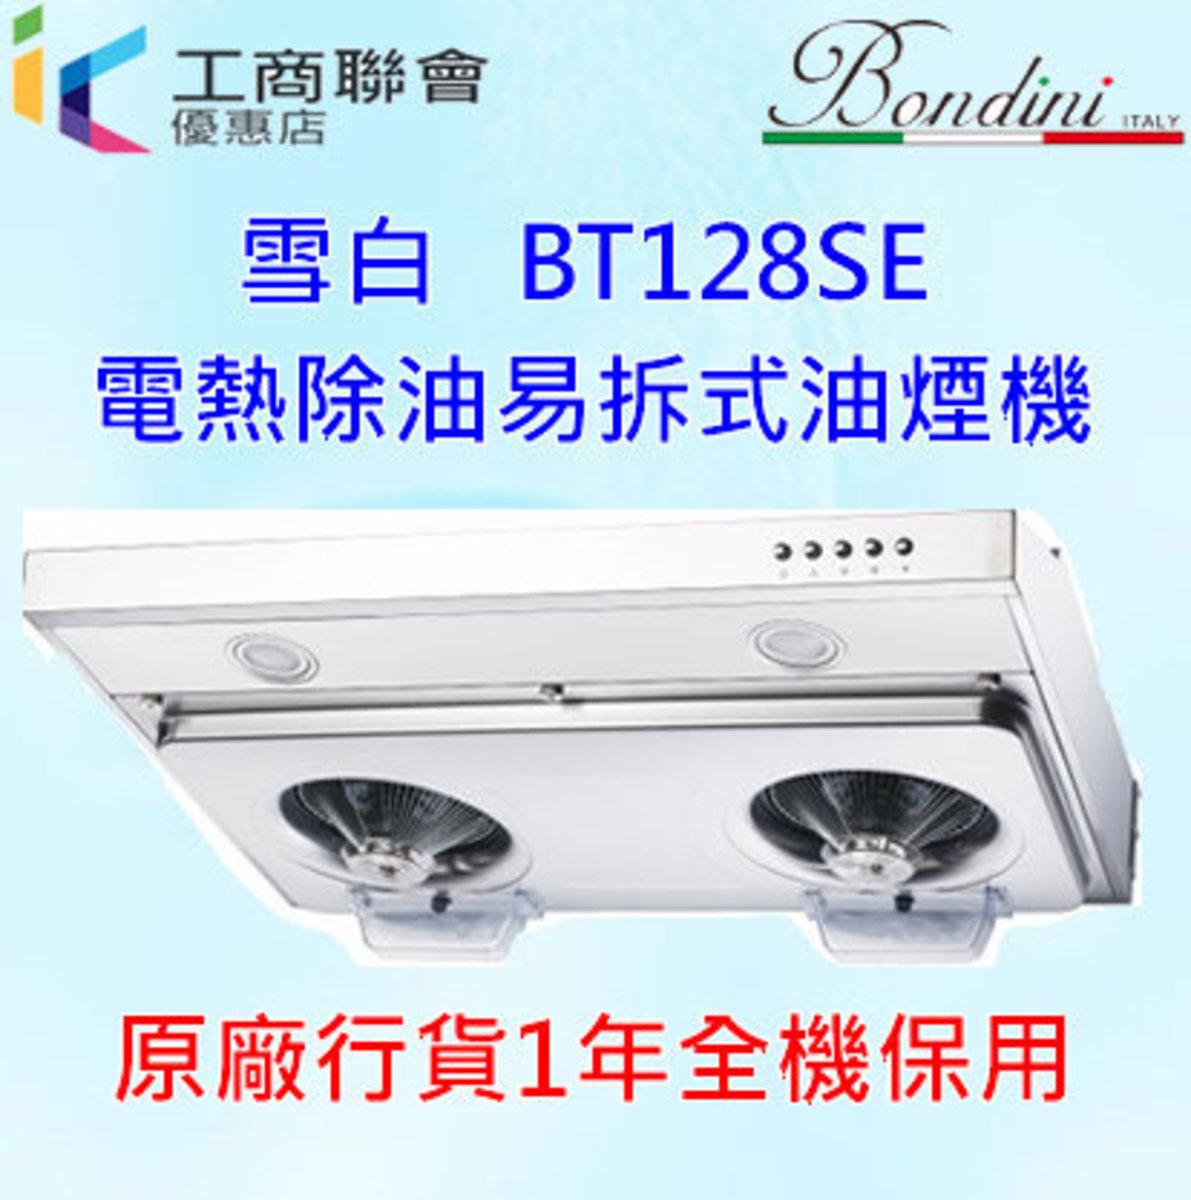 Bondini BT128SE Electric Degreasing Easy-detachable Range Hood